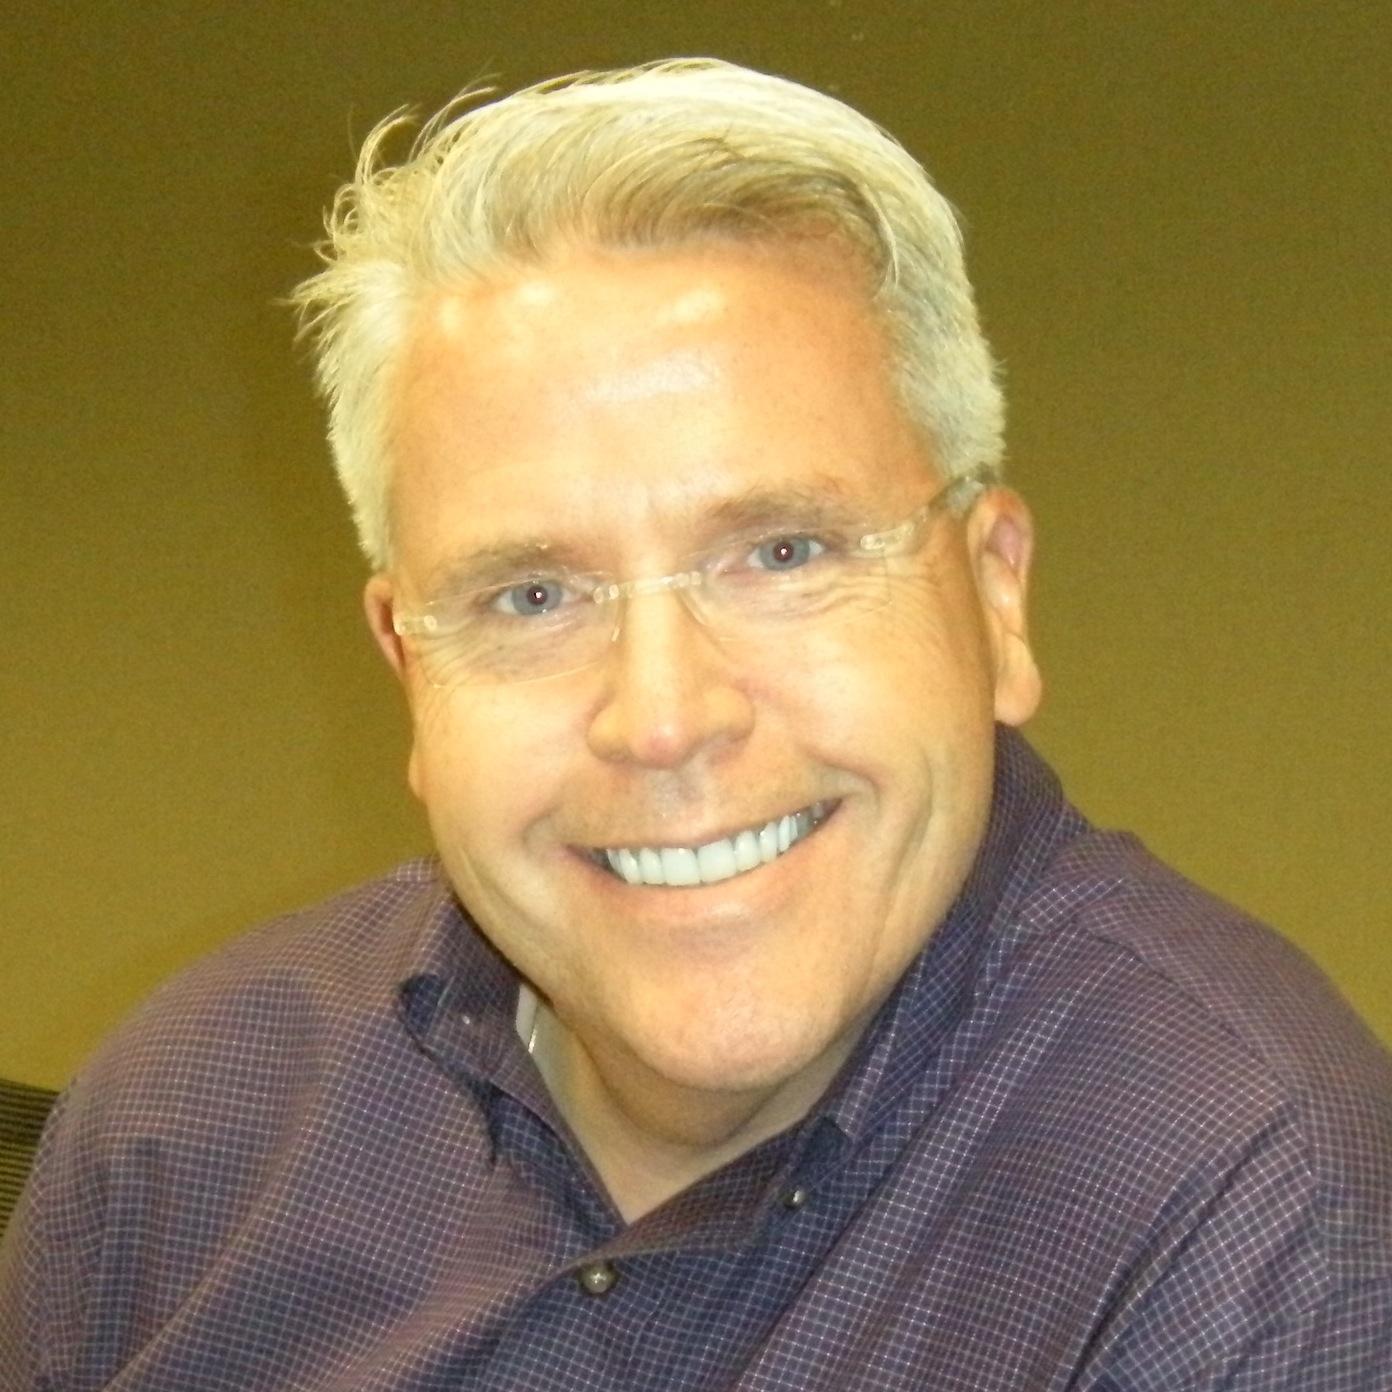 Robert T. Wade